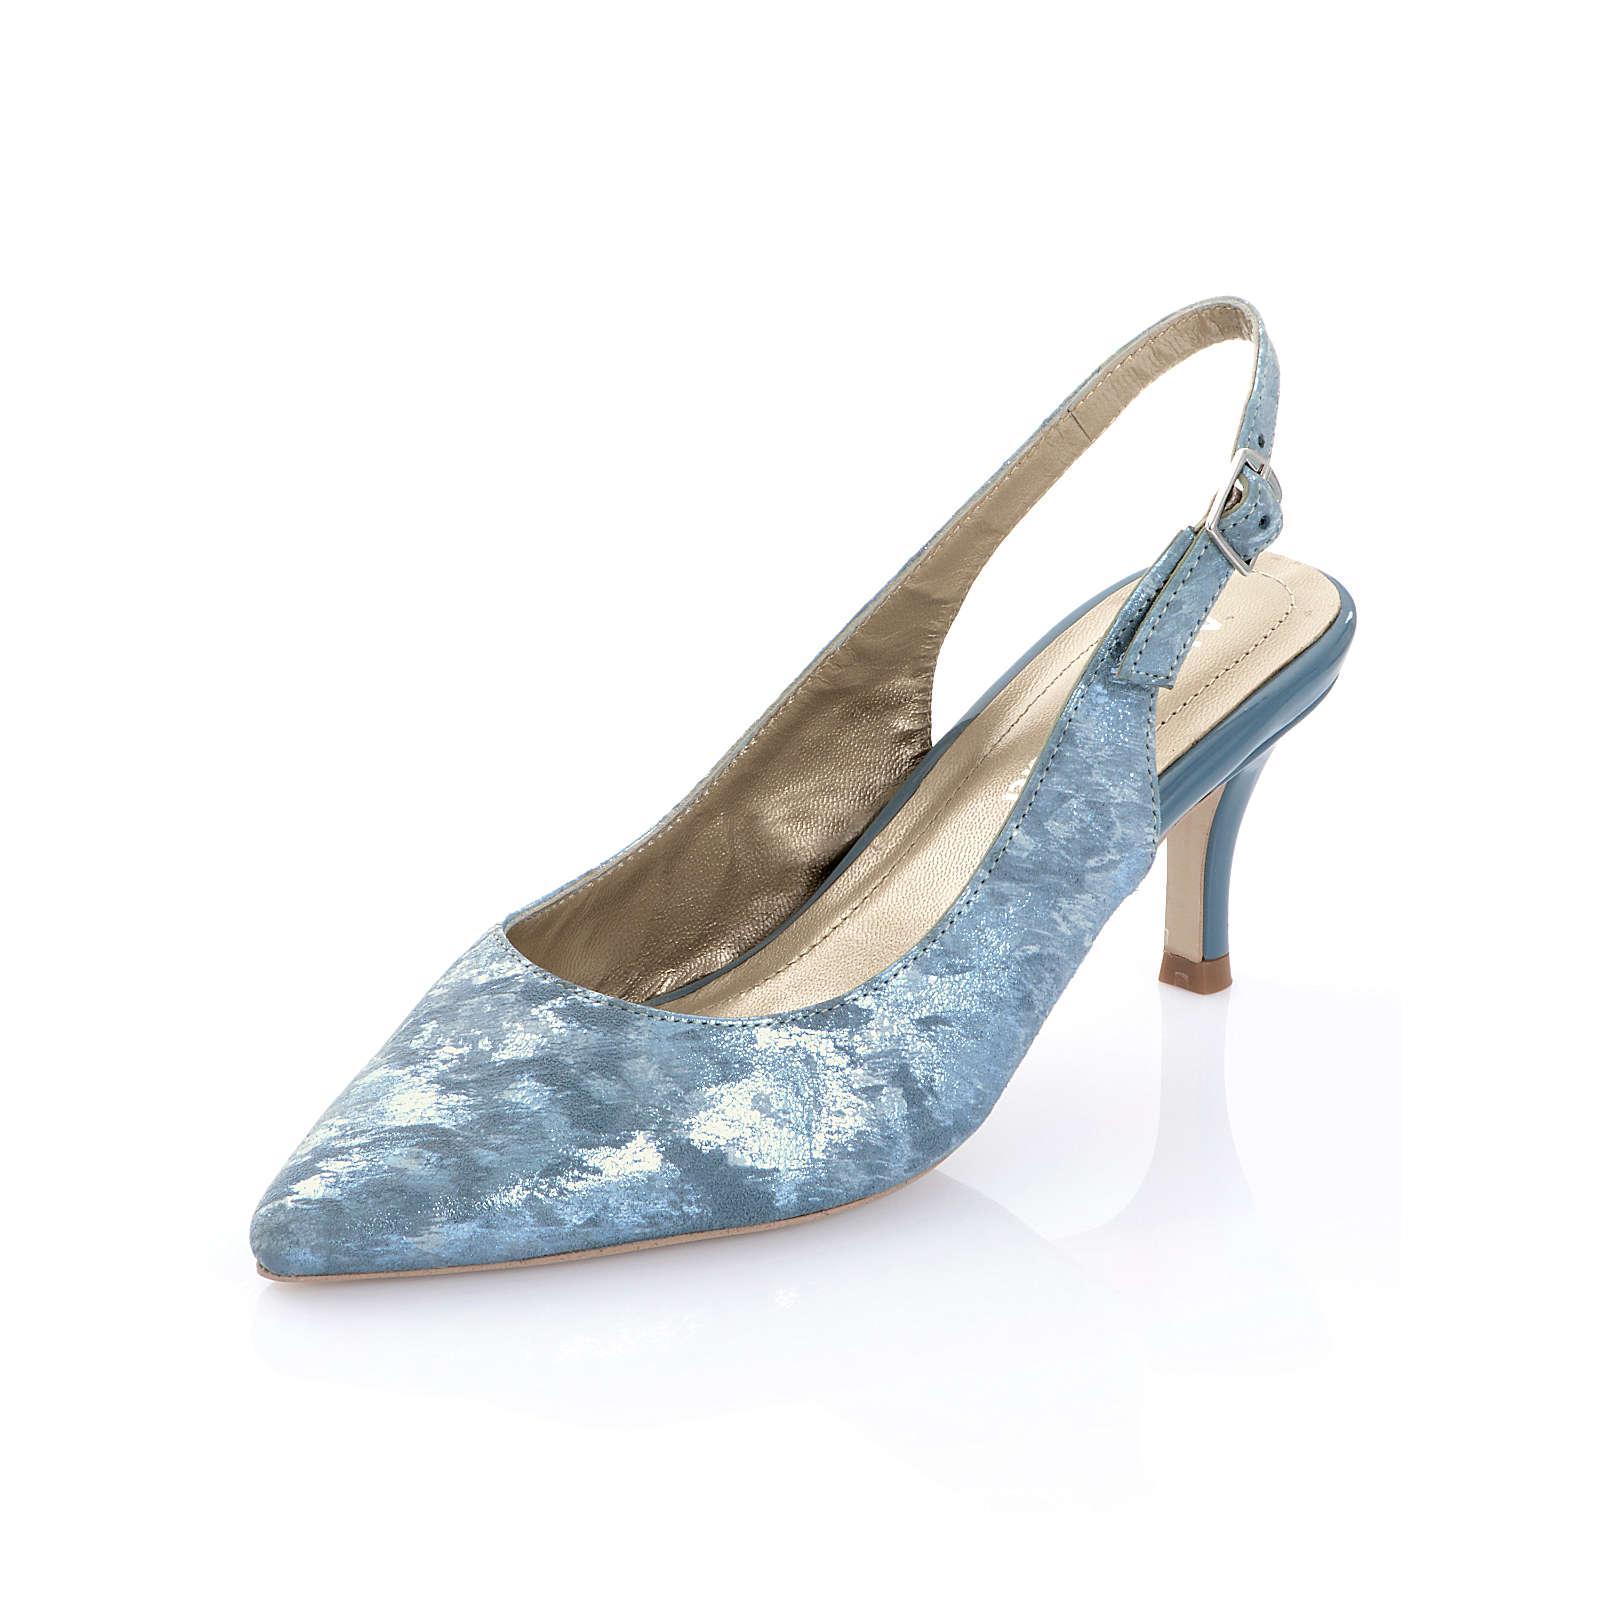 Alba Moda Slingpumps blau Damen Gr. 39